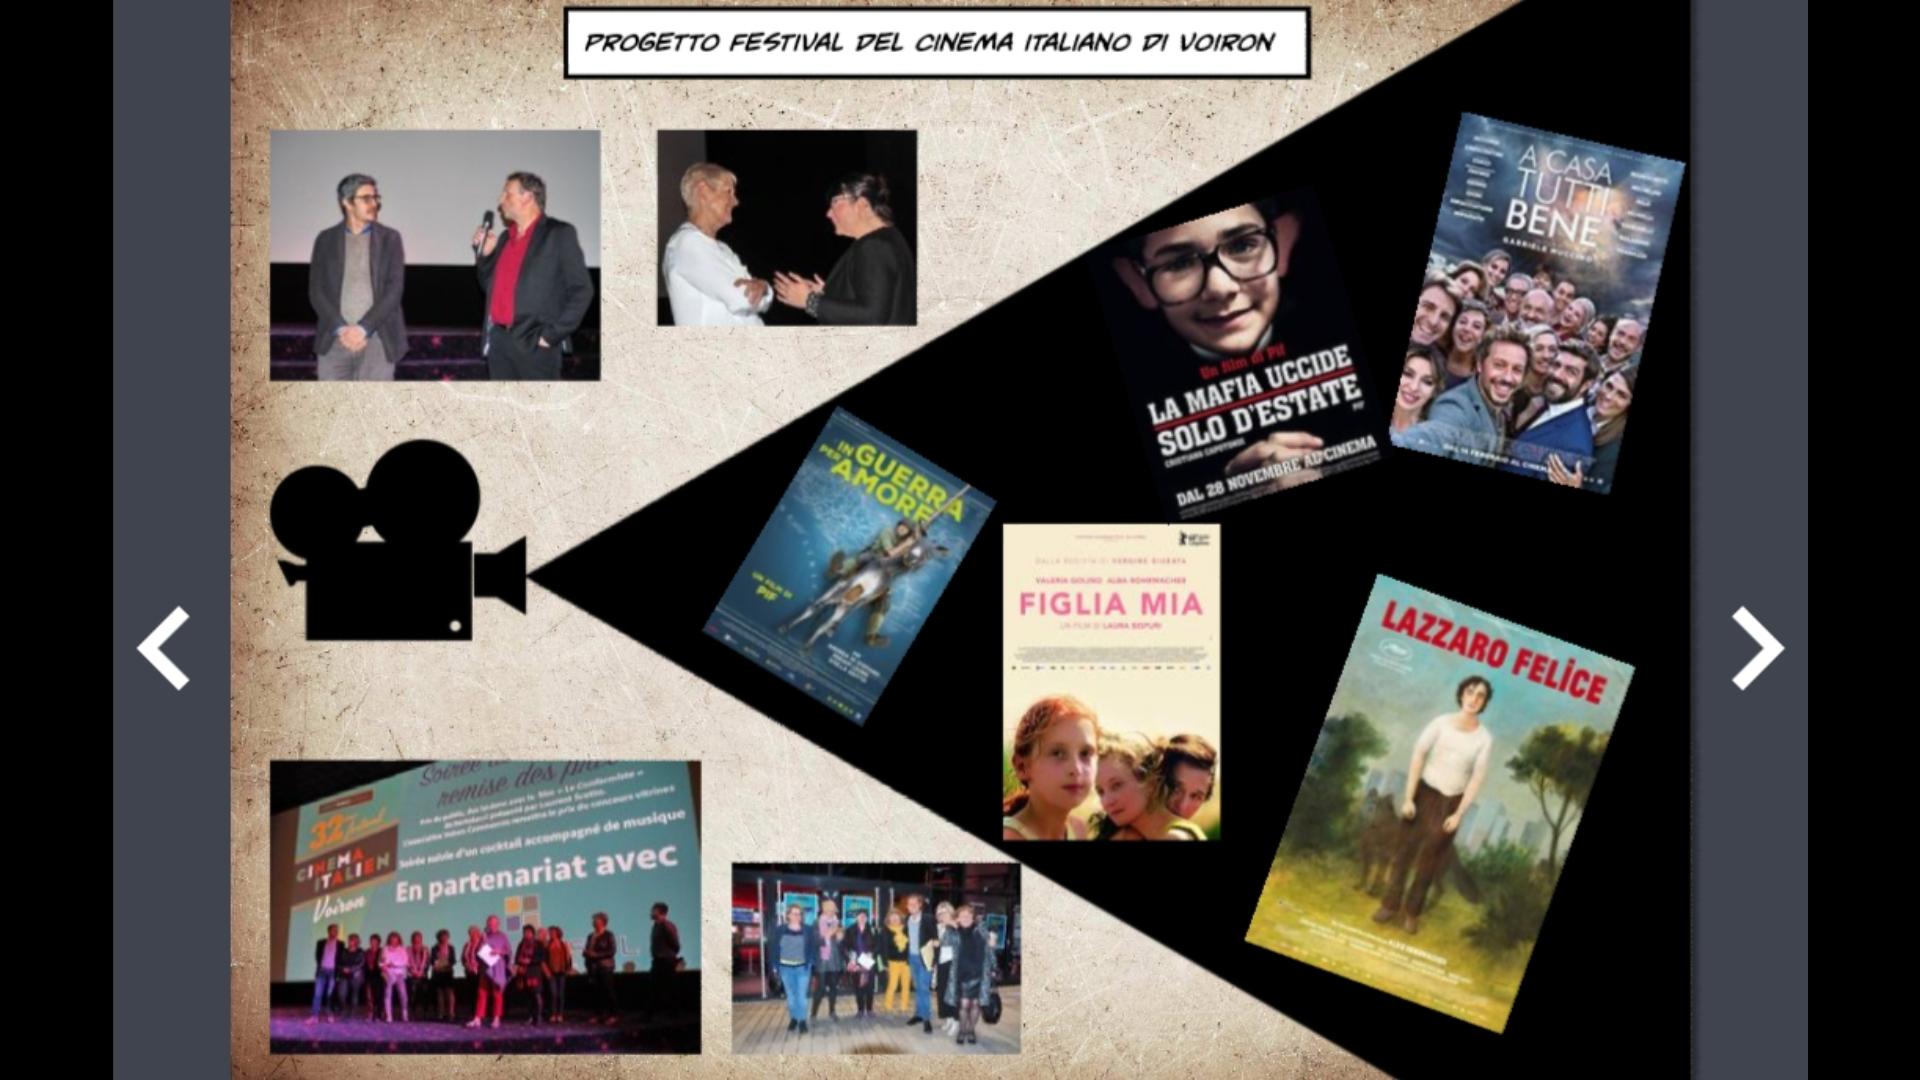 Ebook - 5 - progetto festival